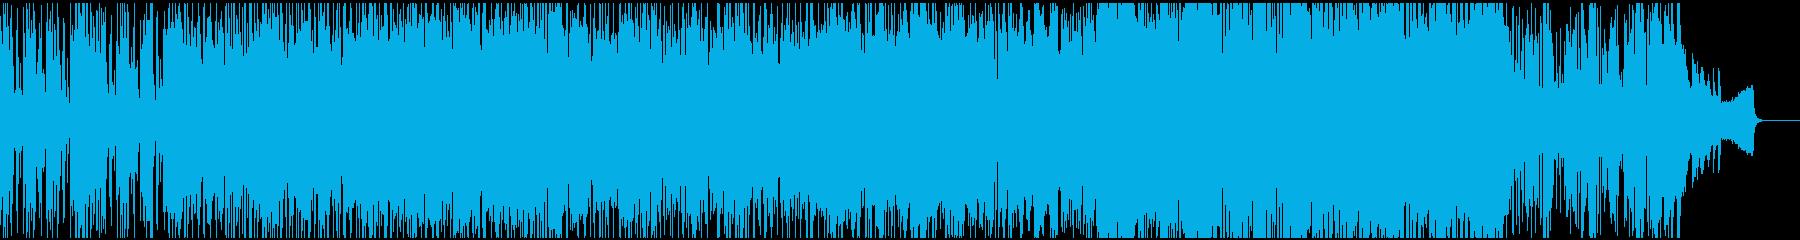 お洒落な雰囲気のアコースティック曲の再生済みの波形